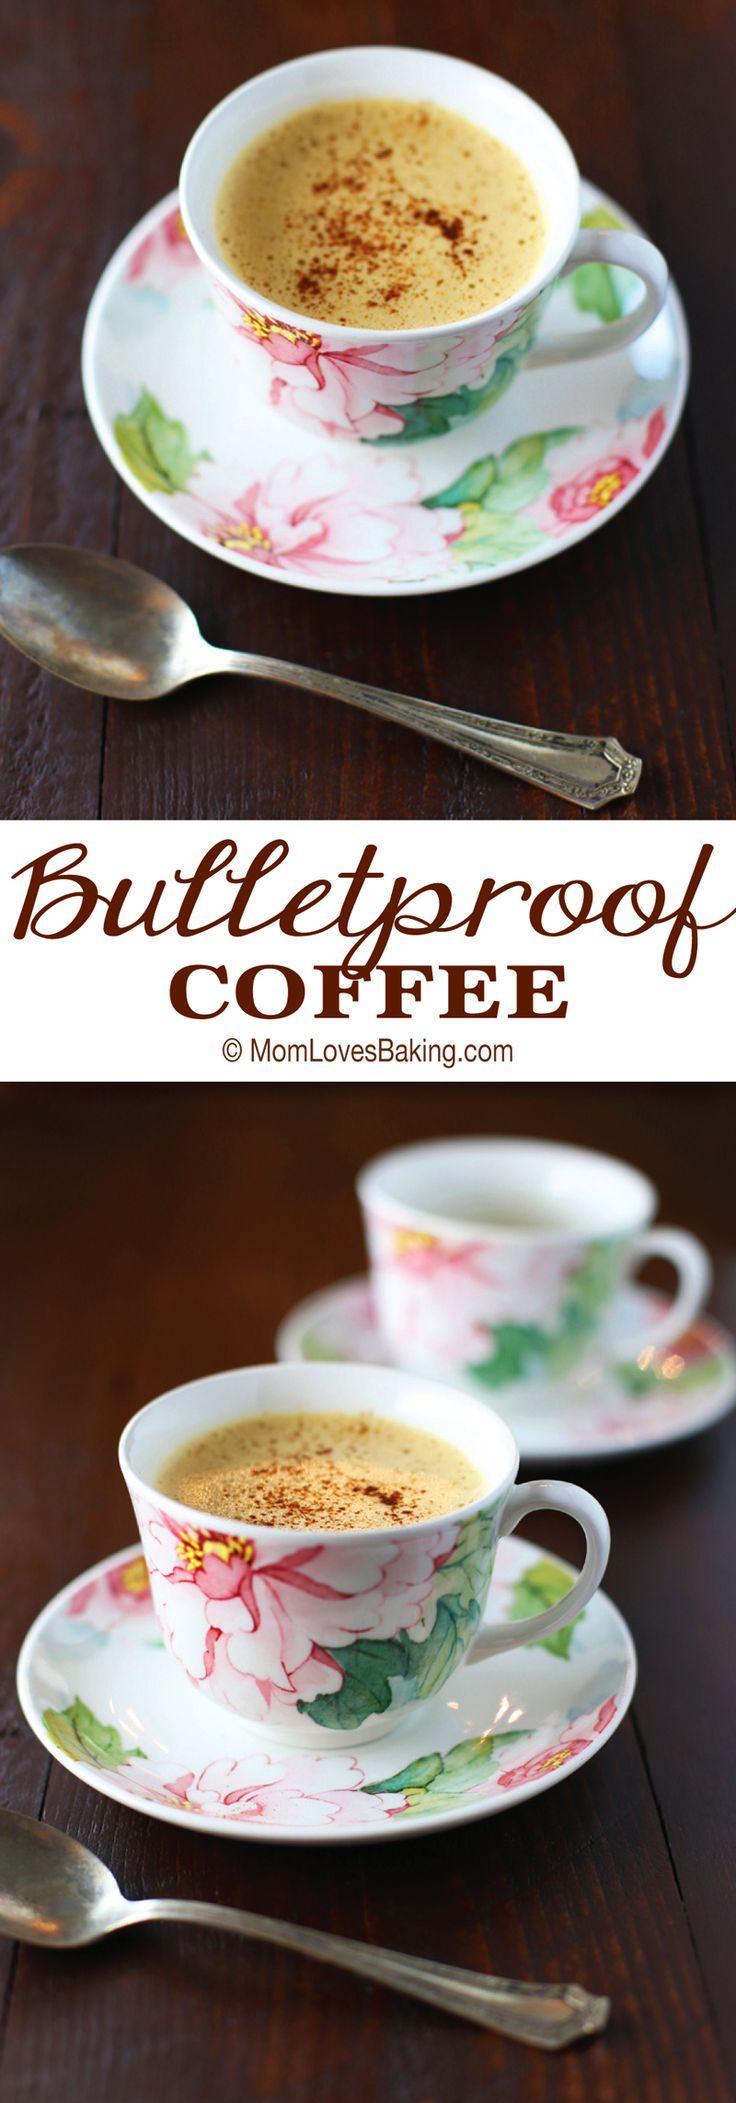 Starbucks Hot Chocolate Ingredients Gluten